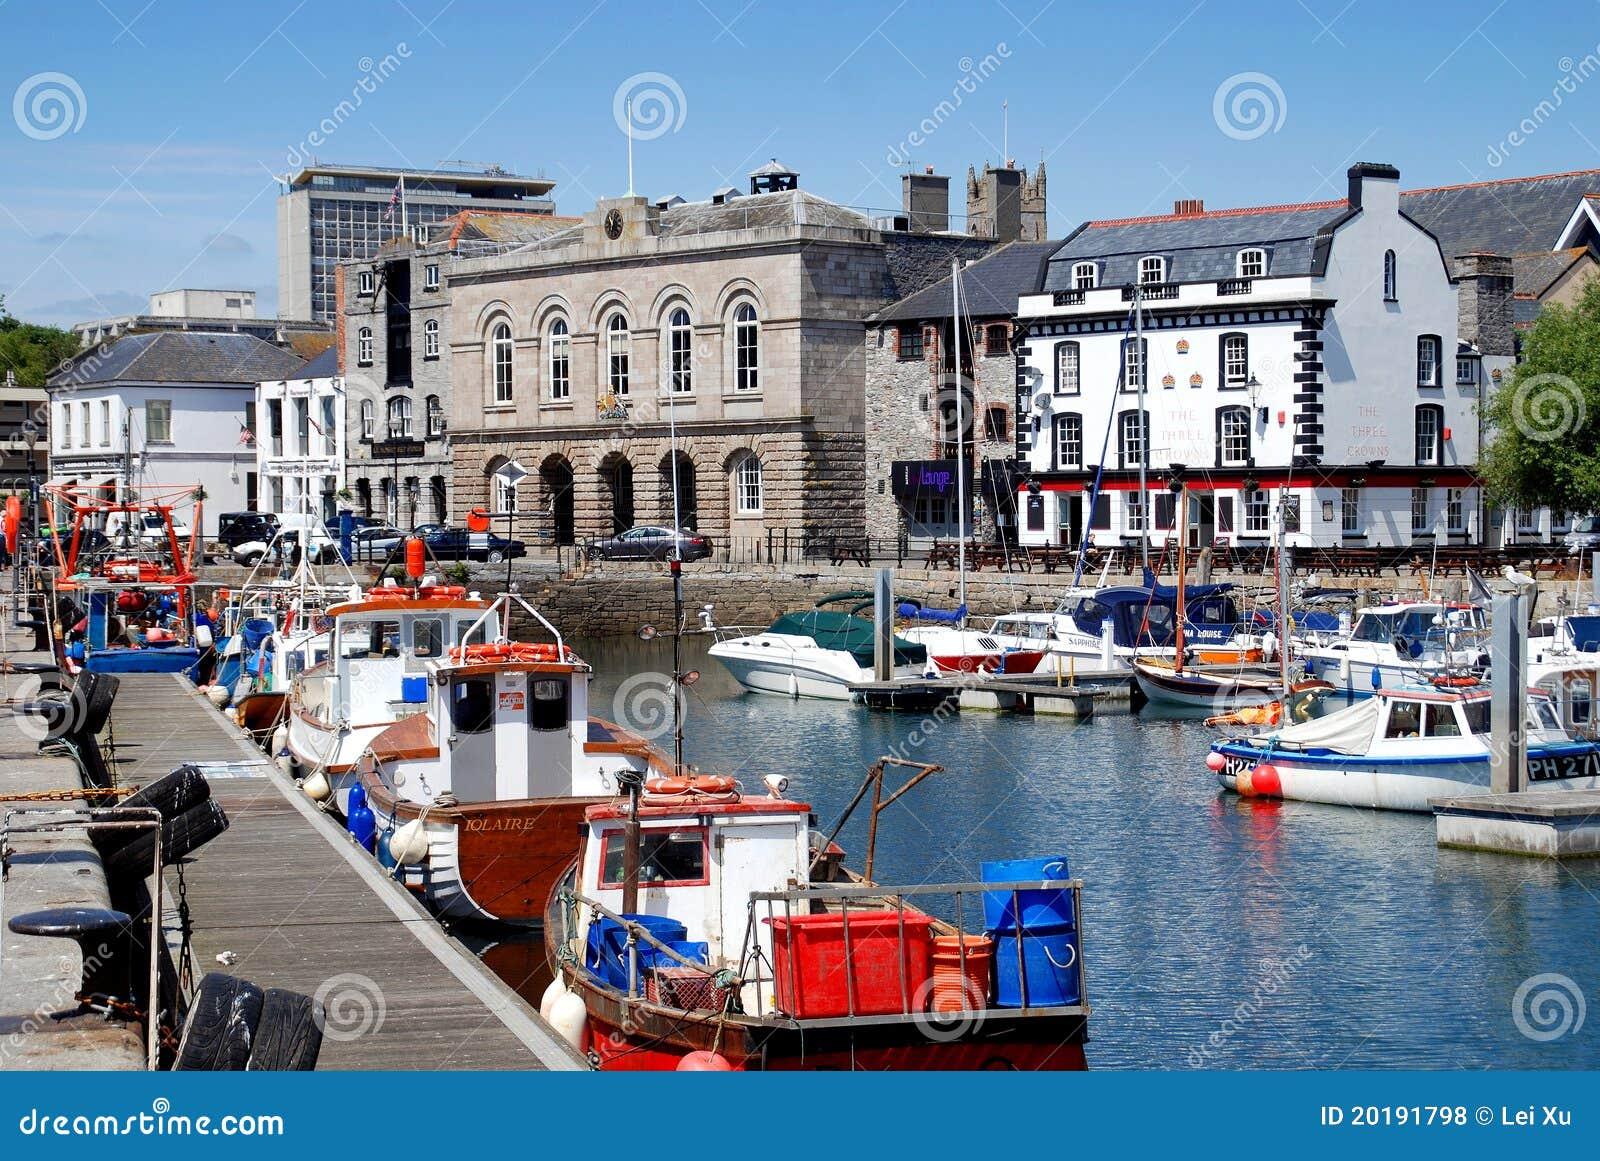 Plymouth engeland de kade van het huis van de douane redactionele stock foto afbeelding - Huis van de wereld canapes ...